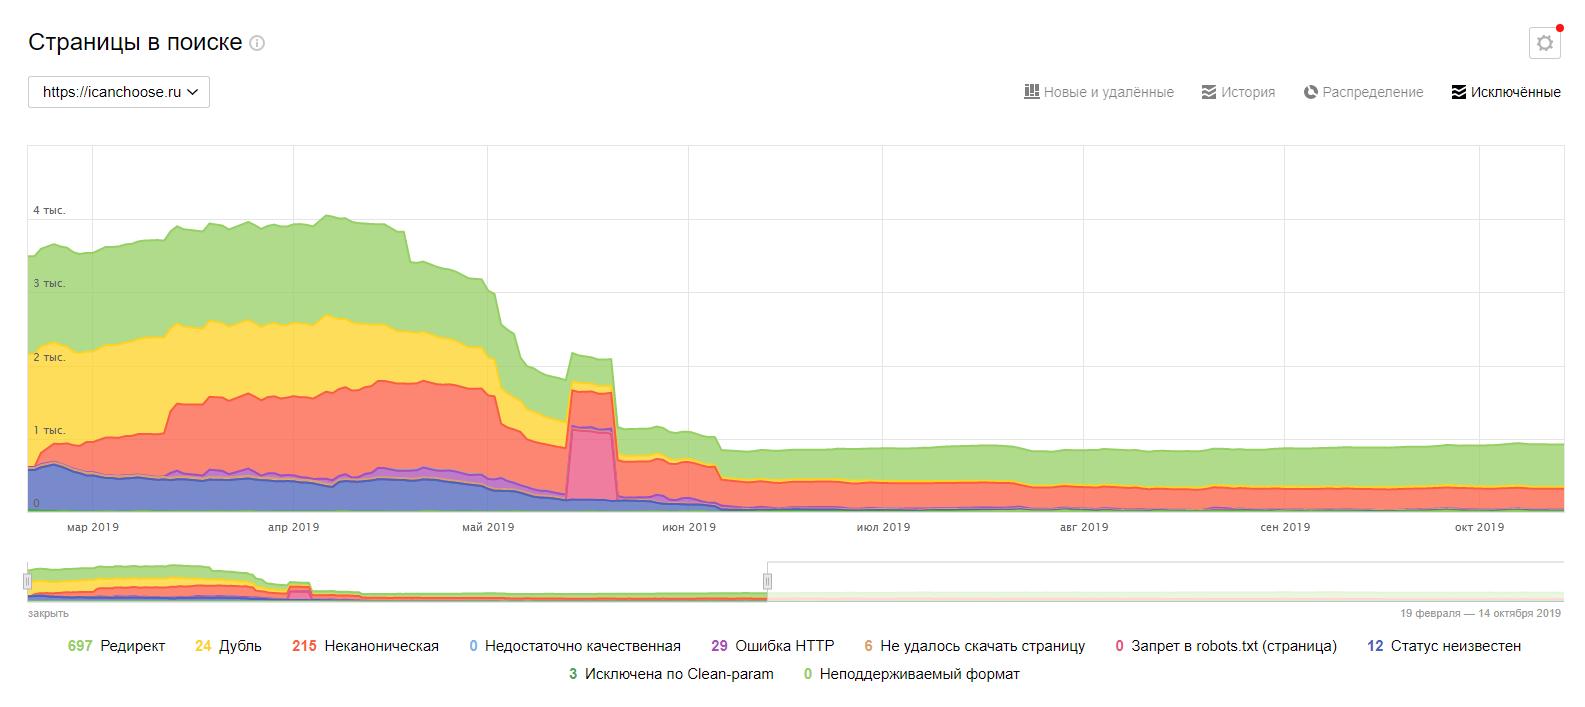 Уменьшение количества дублей в индексе Яндекса